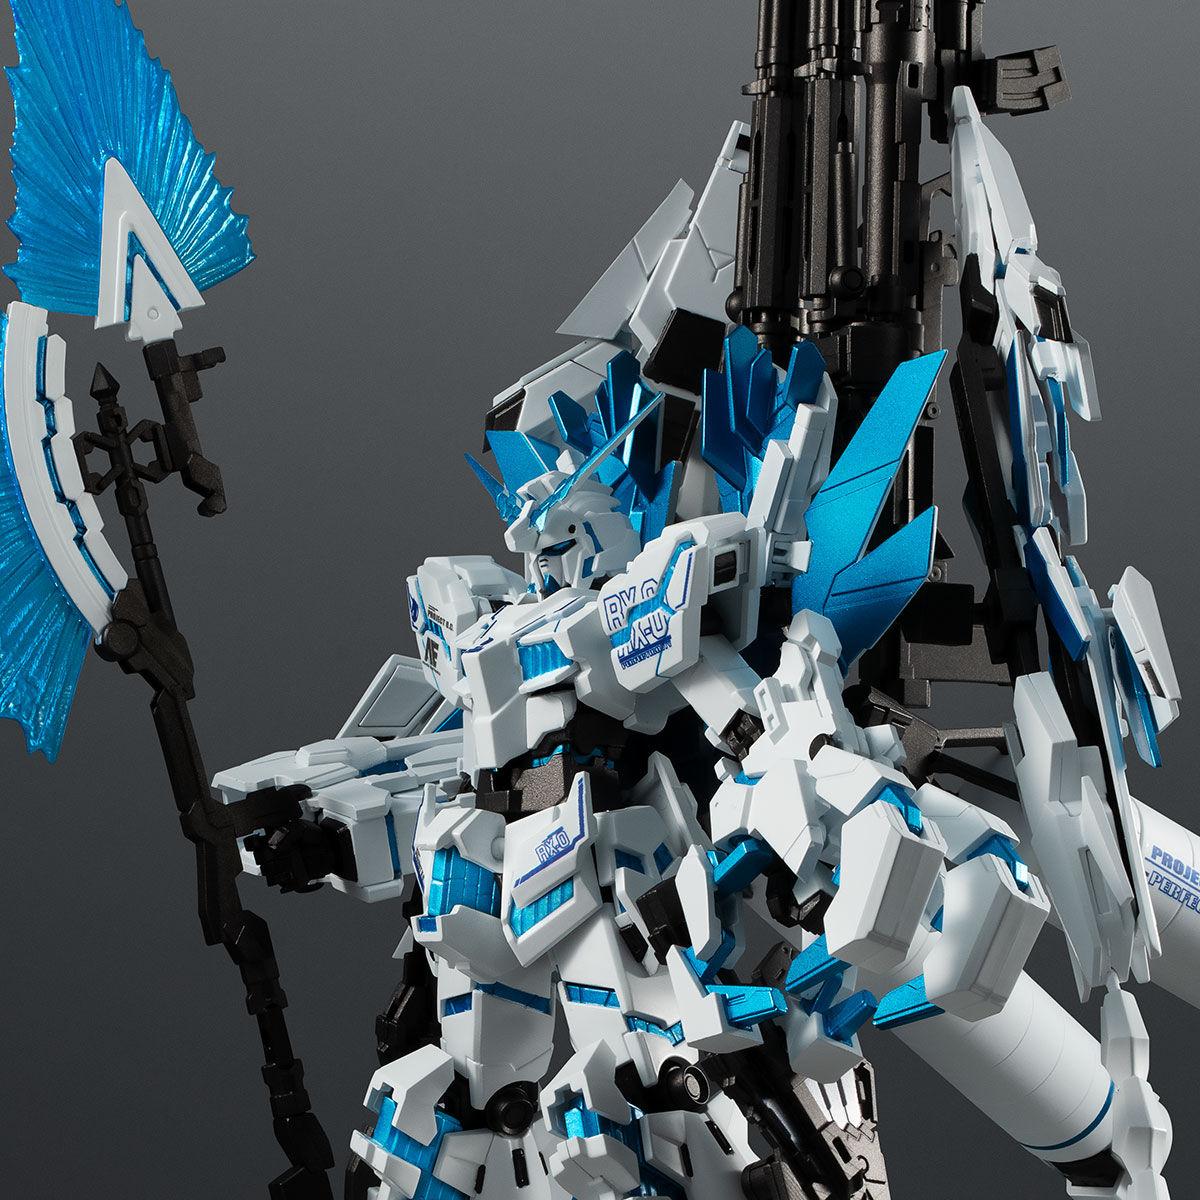 【限定販売】ROBOT魂〈SIDE MS〉『ユニコーンガンダム ペルフェクティビリティ・ディバイン』ガンダムUC 可動フィギュア-001